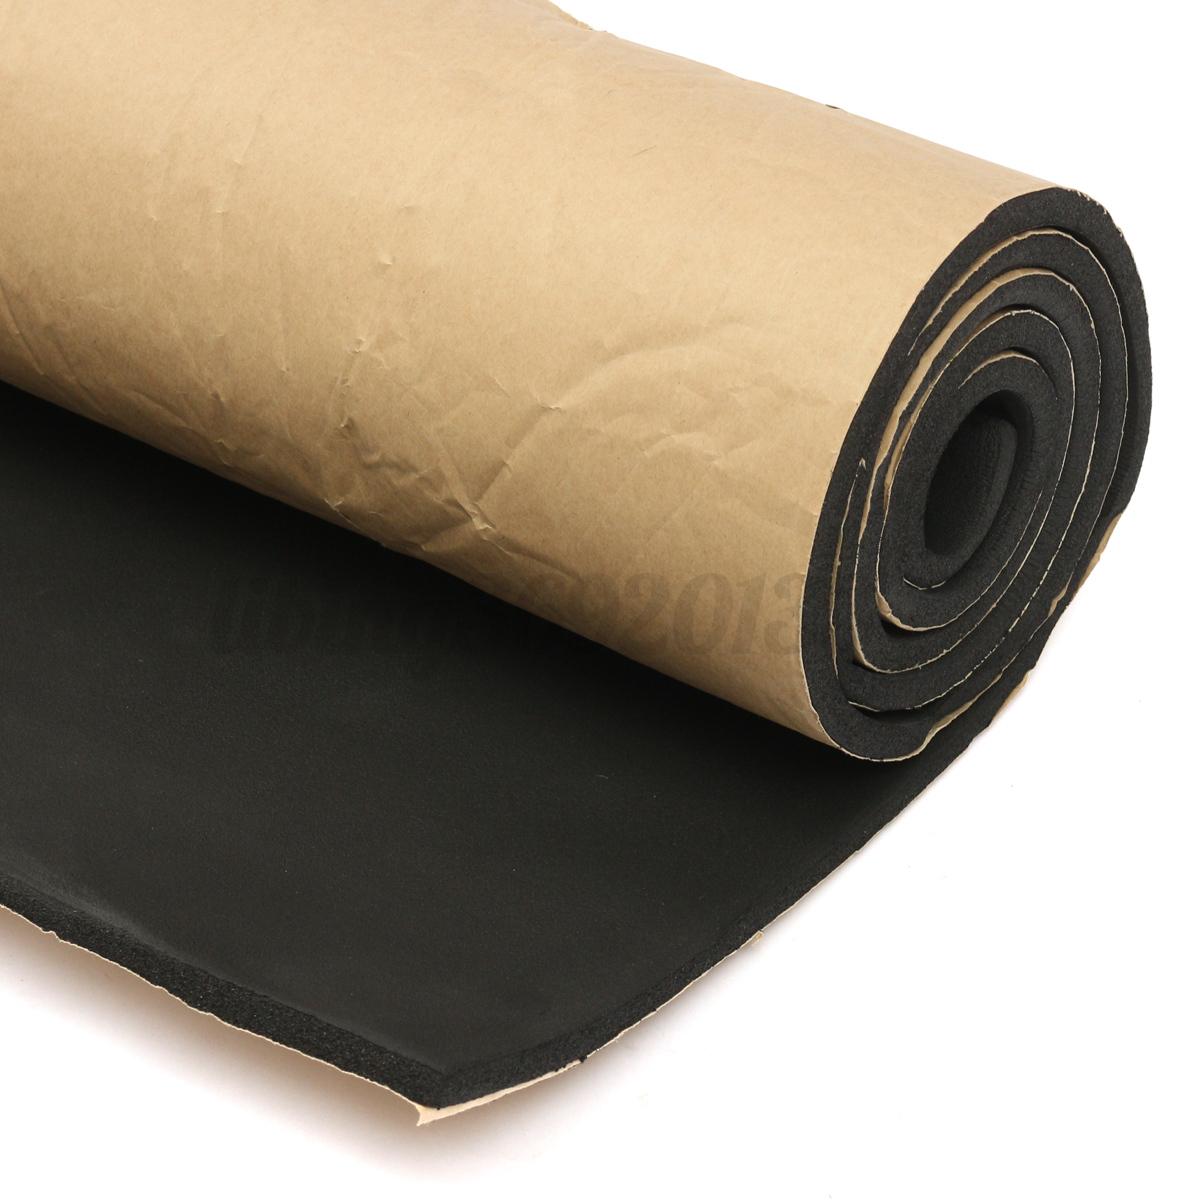 schalld mmschaum selbstklebend akustik schaumstoff d mmung nicht brennbar 2m eur 11 41. Black Bedroom Furniture Sets. Home Design Ideas